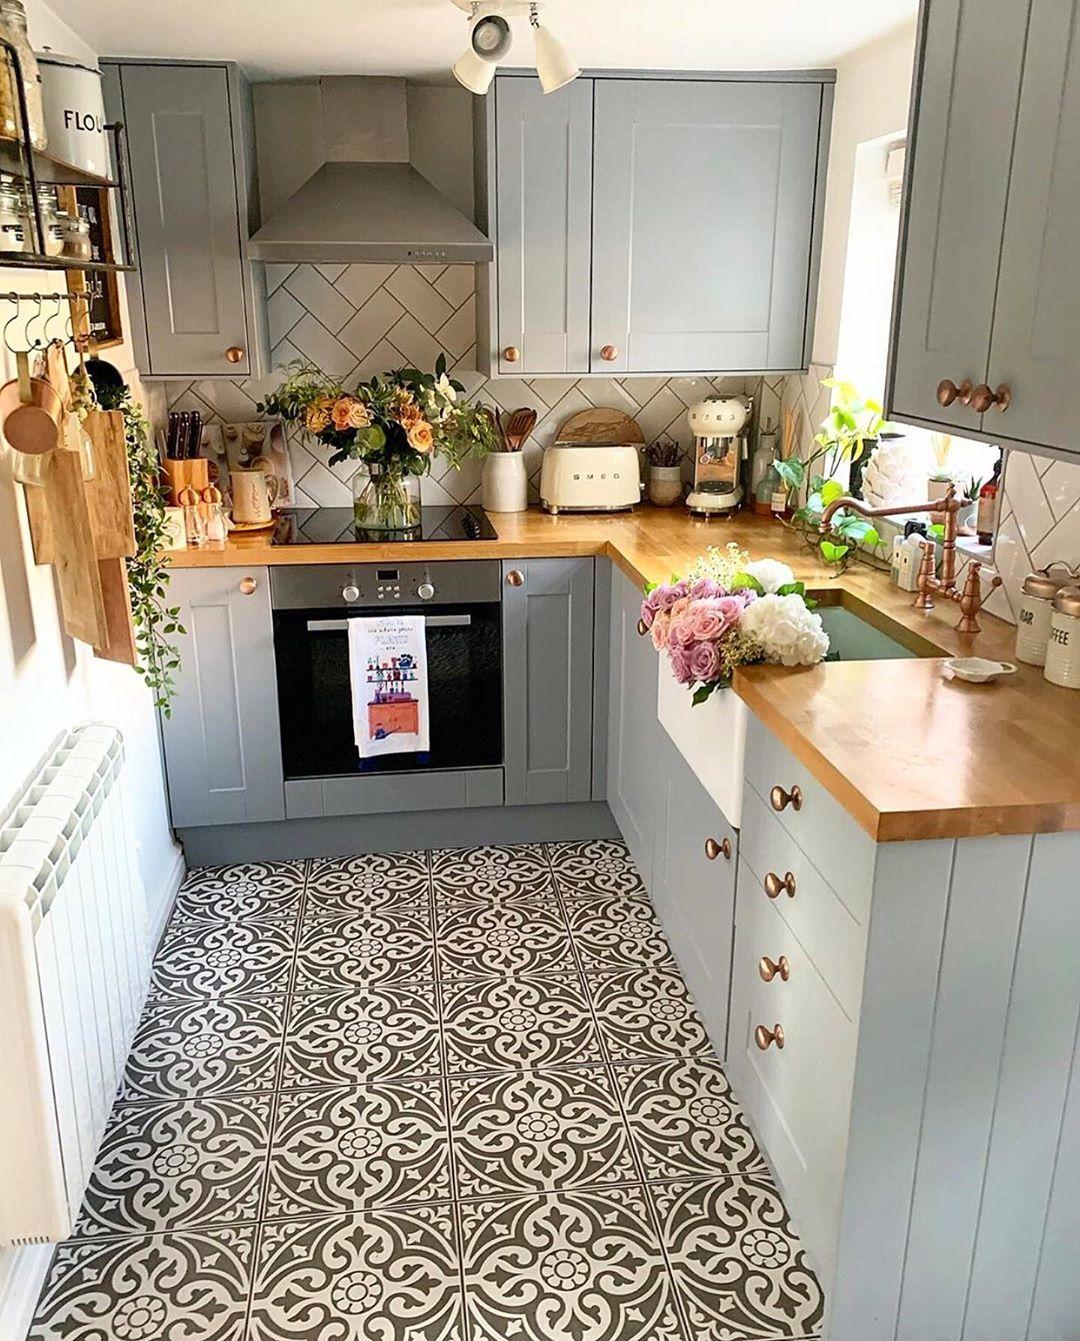 513 Vind Ik Leuks 4 Reacties Cozy Home Shots Cozyhomeshots Op Instagram Hello With Fres Kitchen Design Small Very Small Kitchen Design Kitchen Design